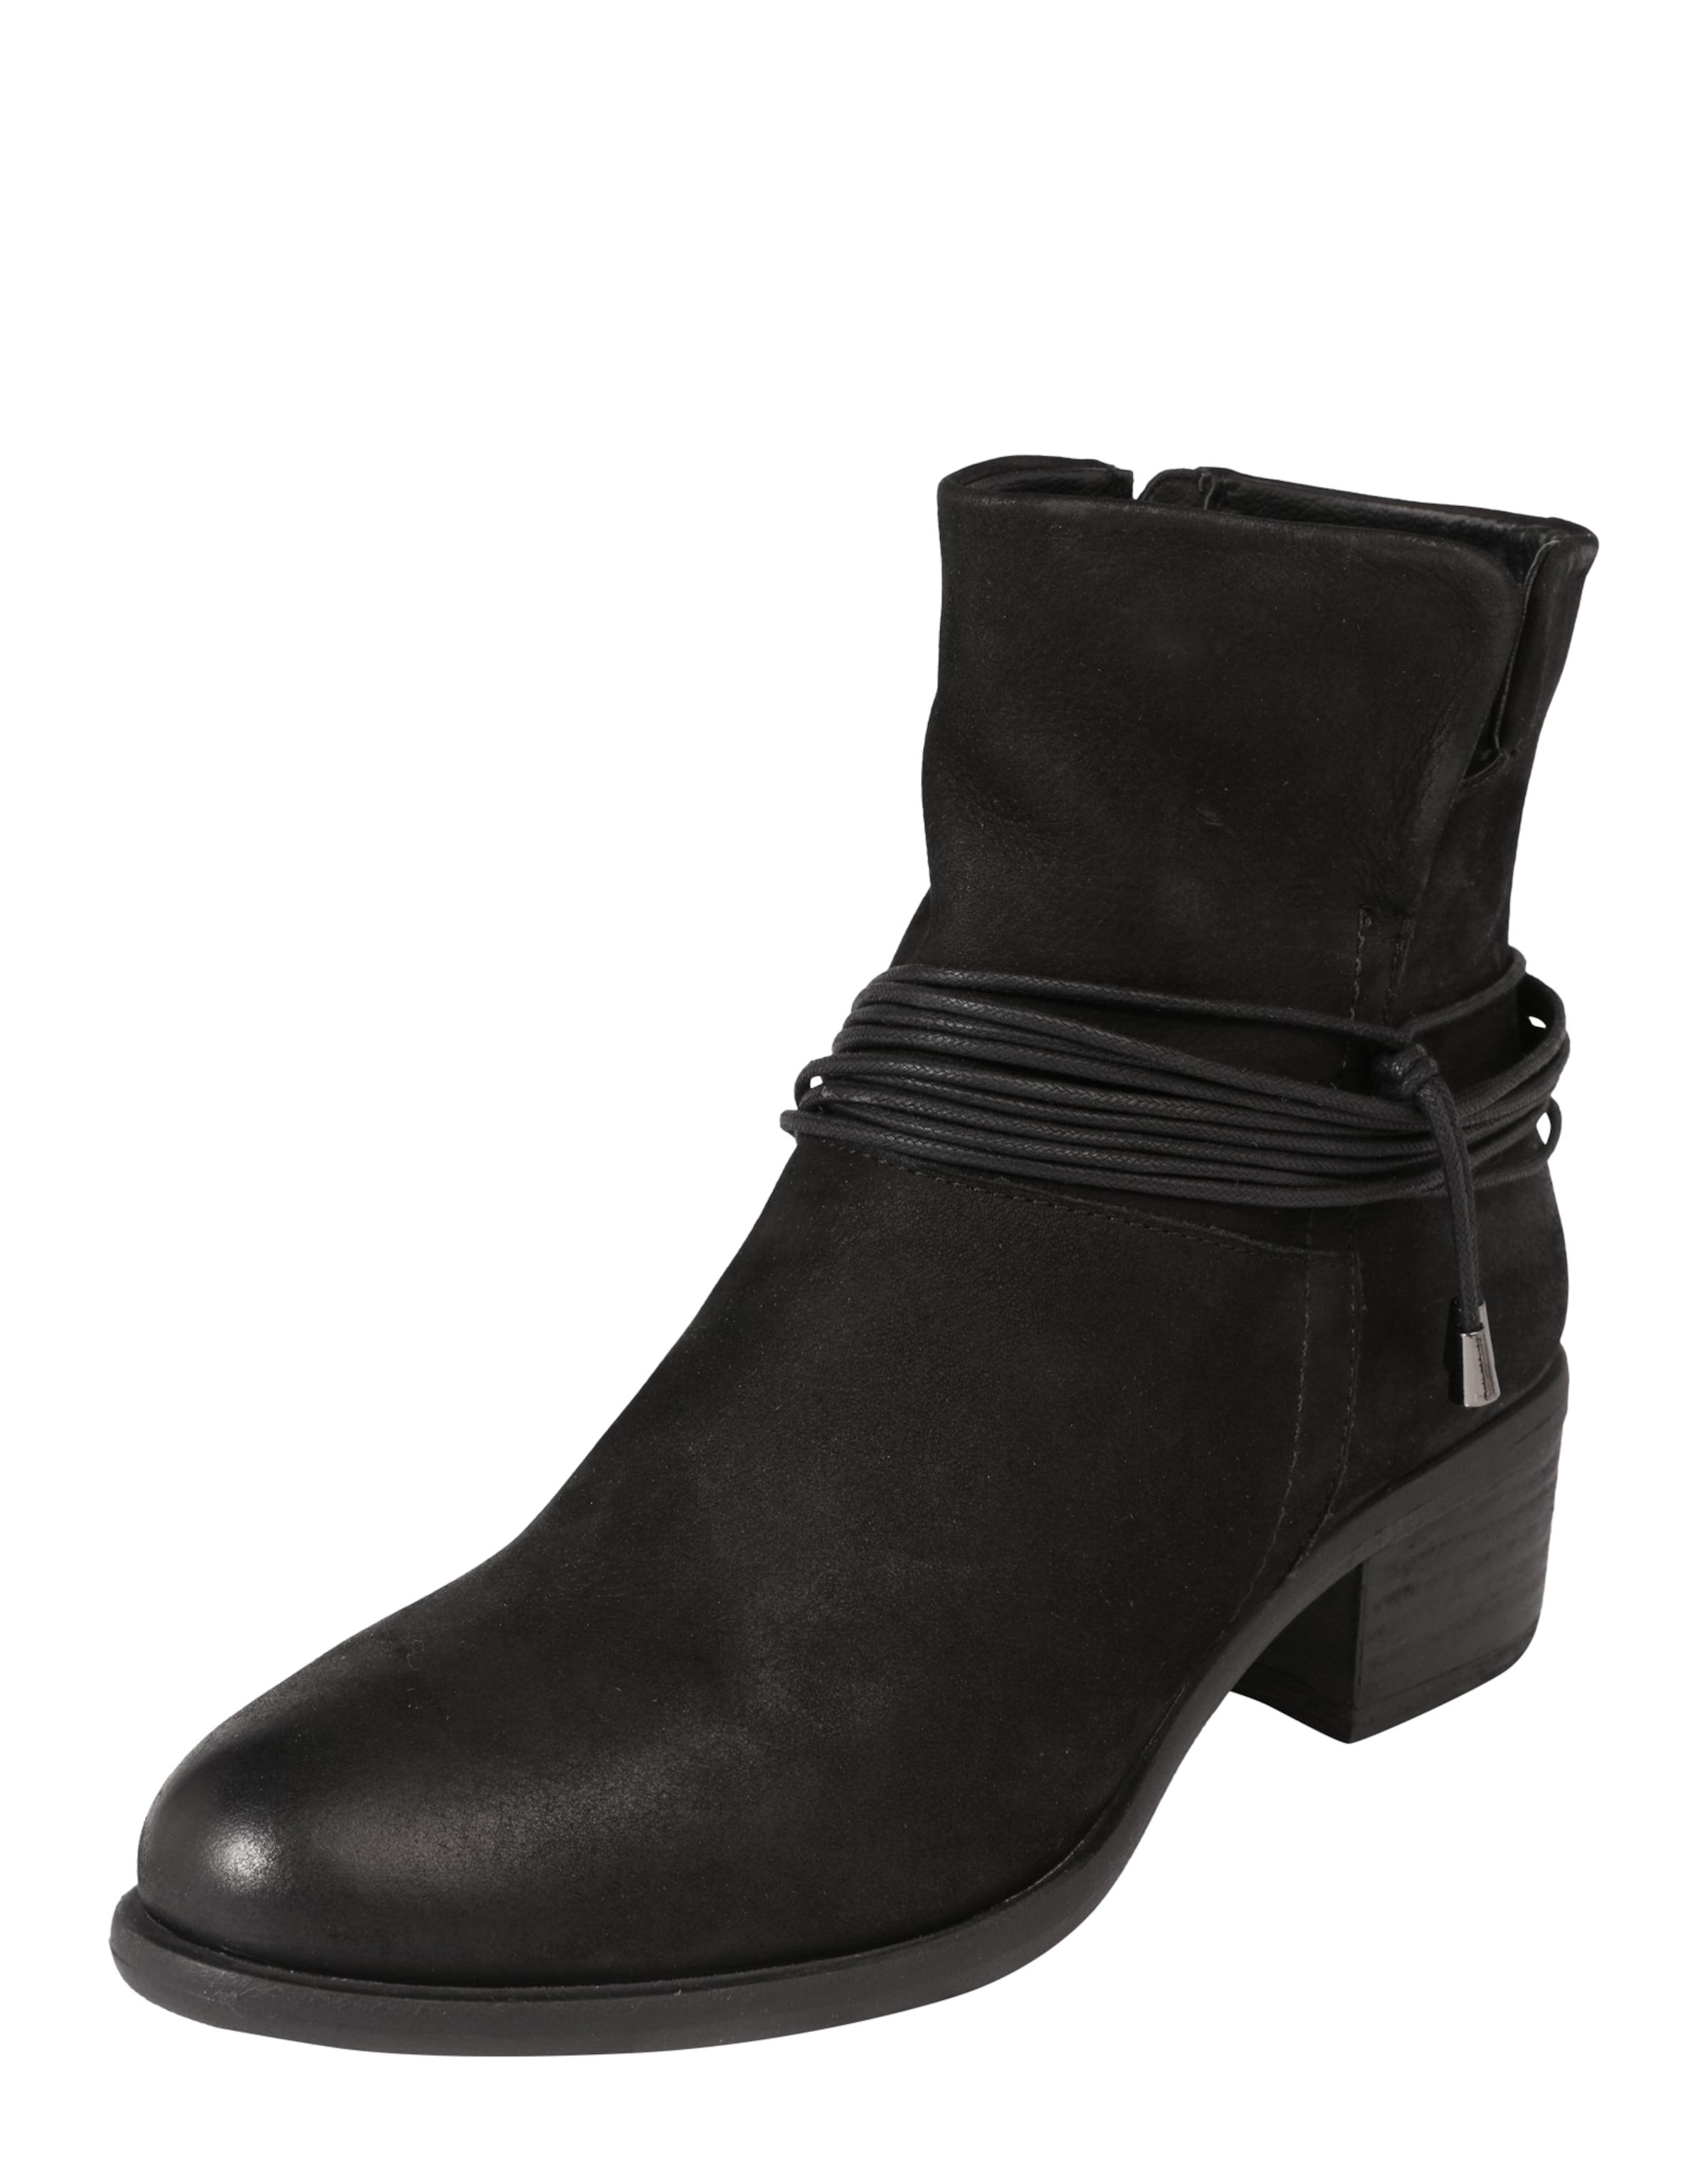 Haltbare Mode billige Schuhe SPM | Stiefel 'Olga Ankle' Schuhe Gut getragene Schuhe